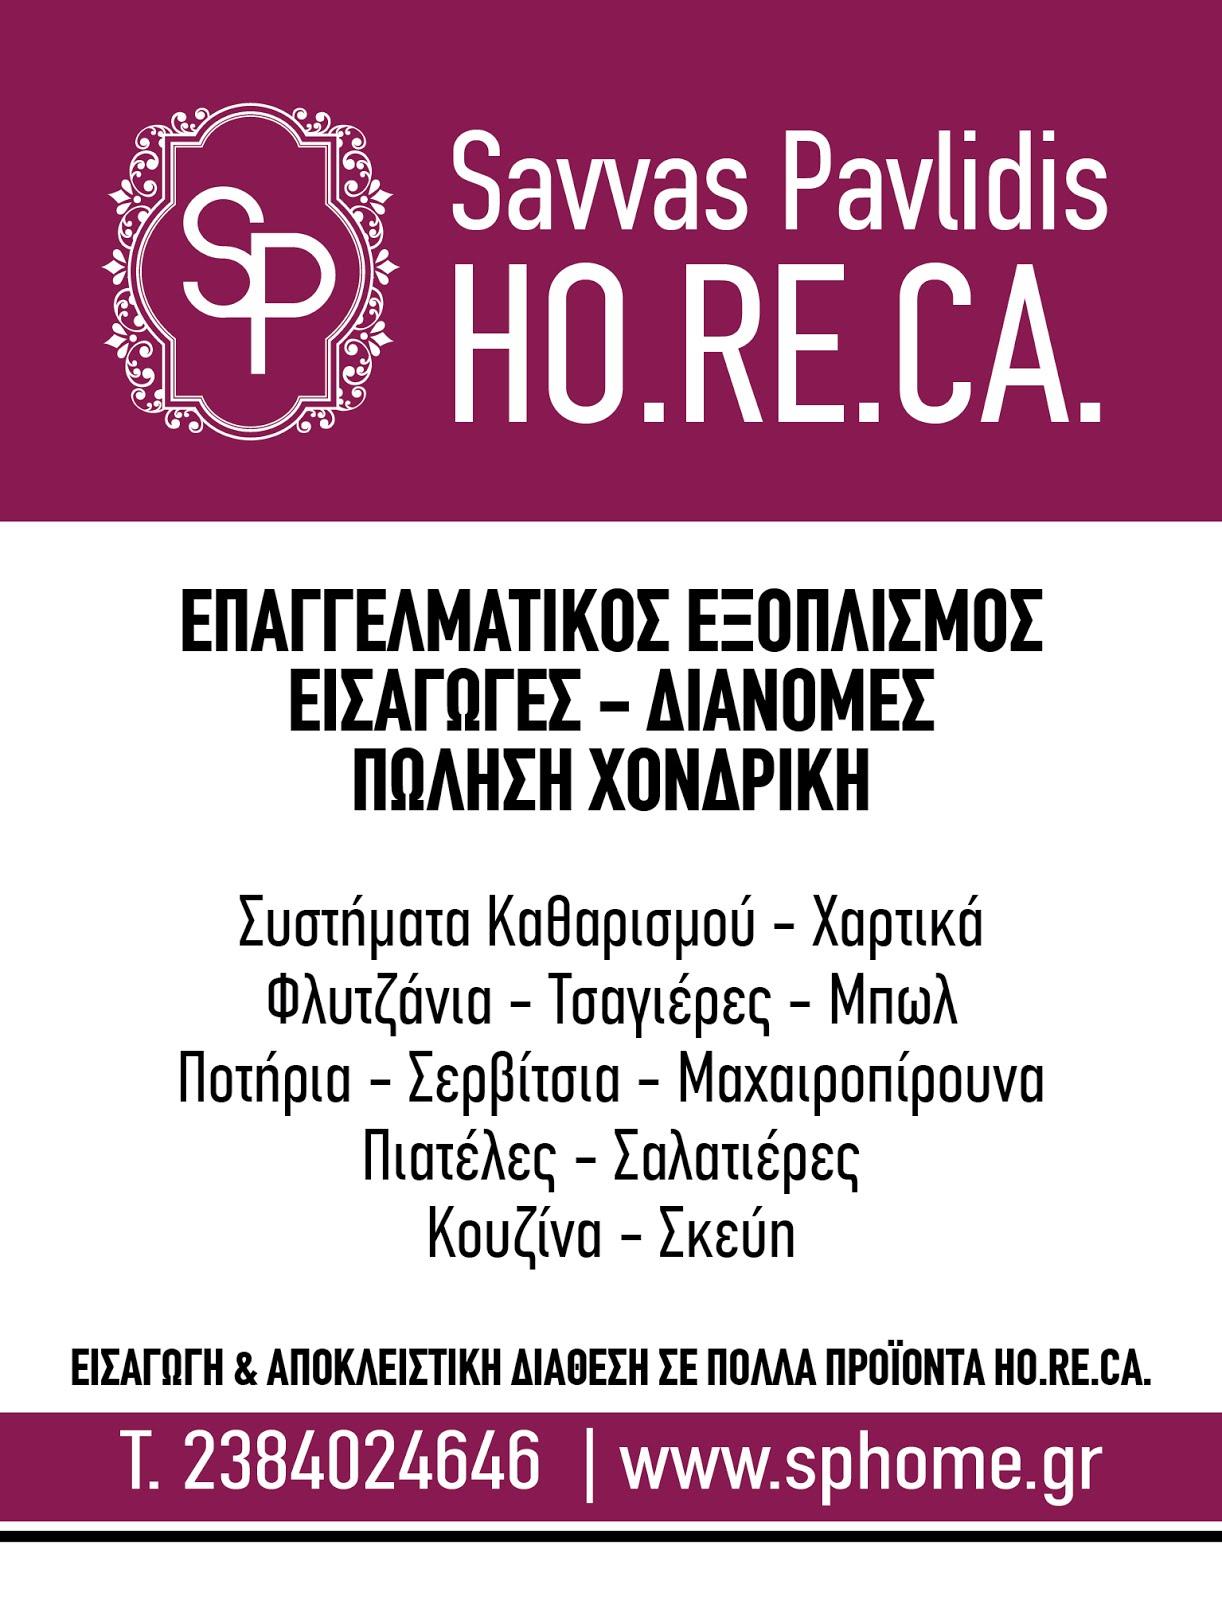 Savvas Pavlidis